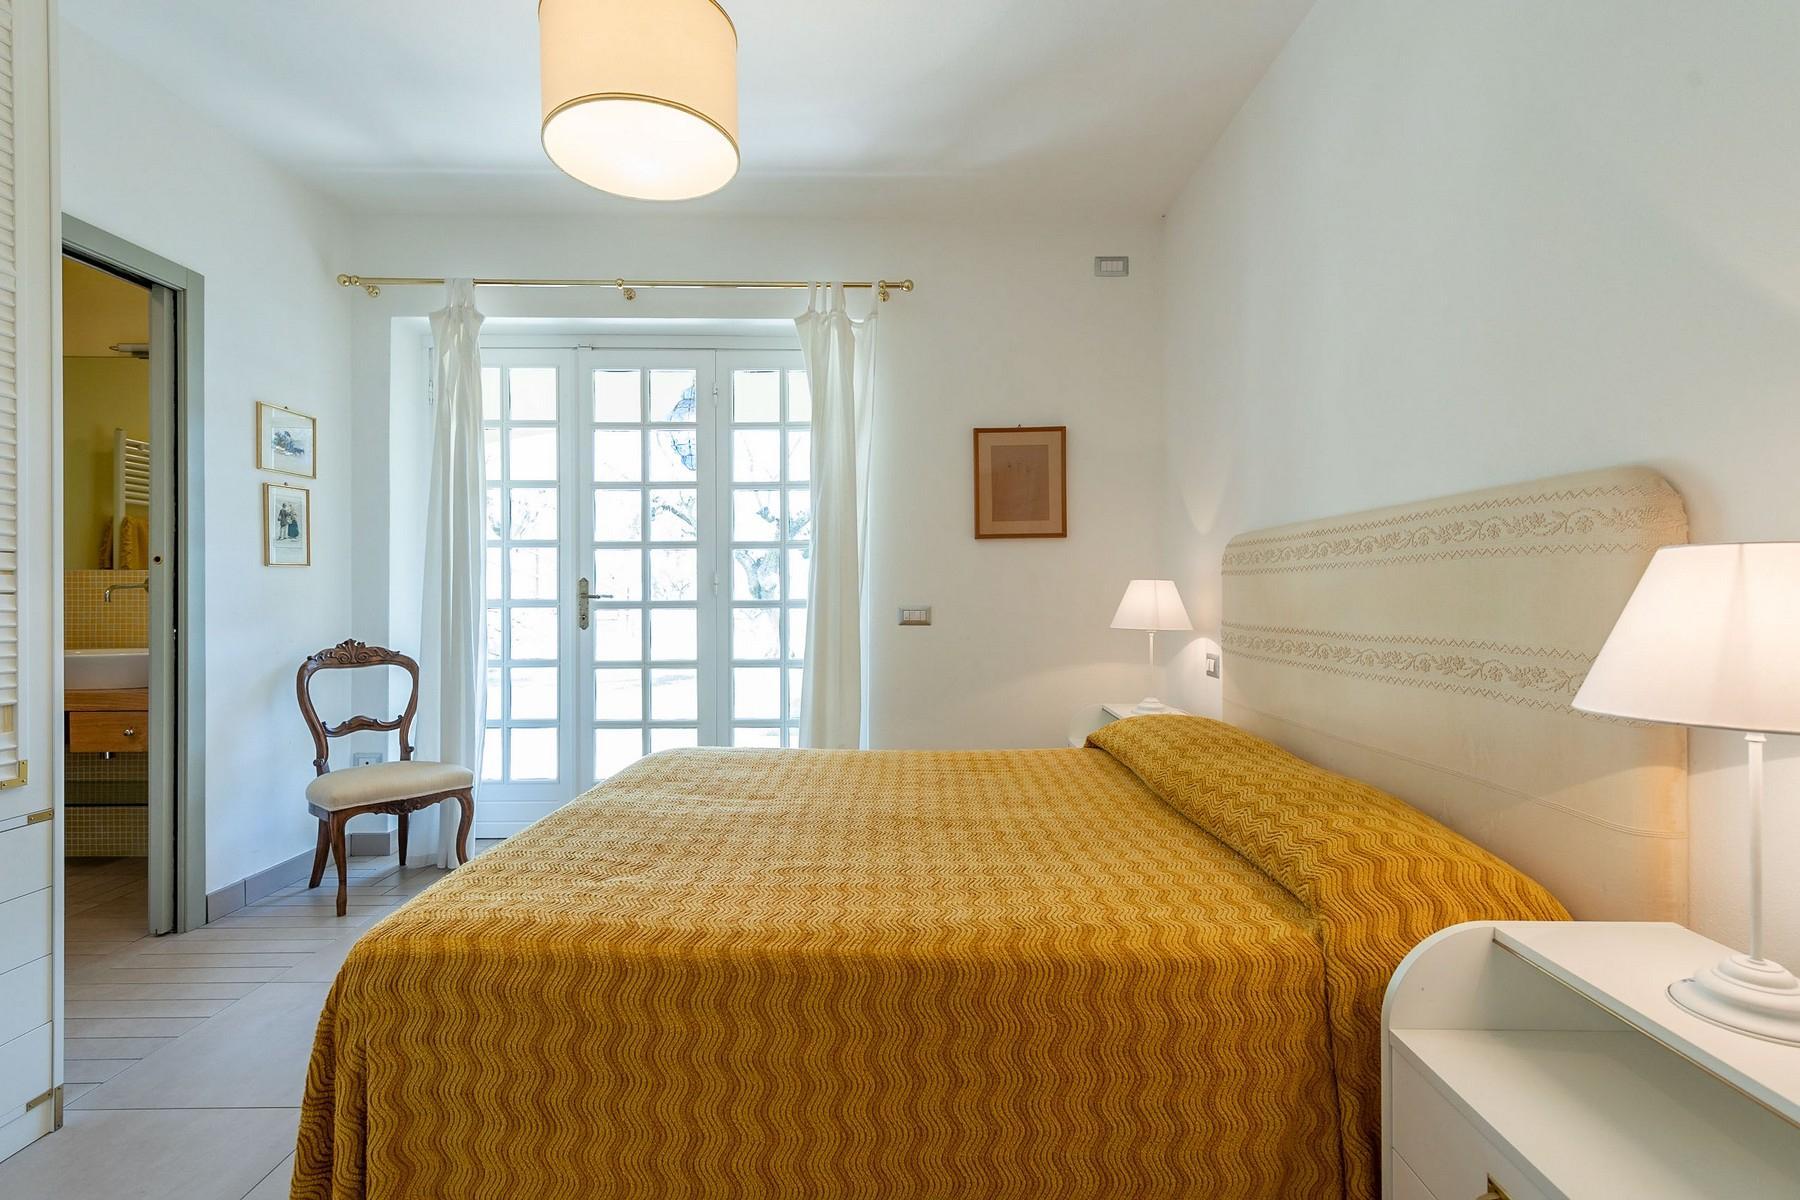 Elegant villa with seaview in Castiglione della Pescaia - 26